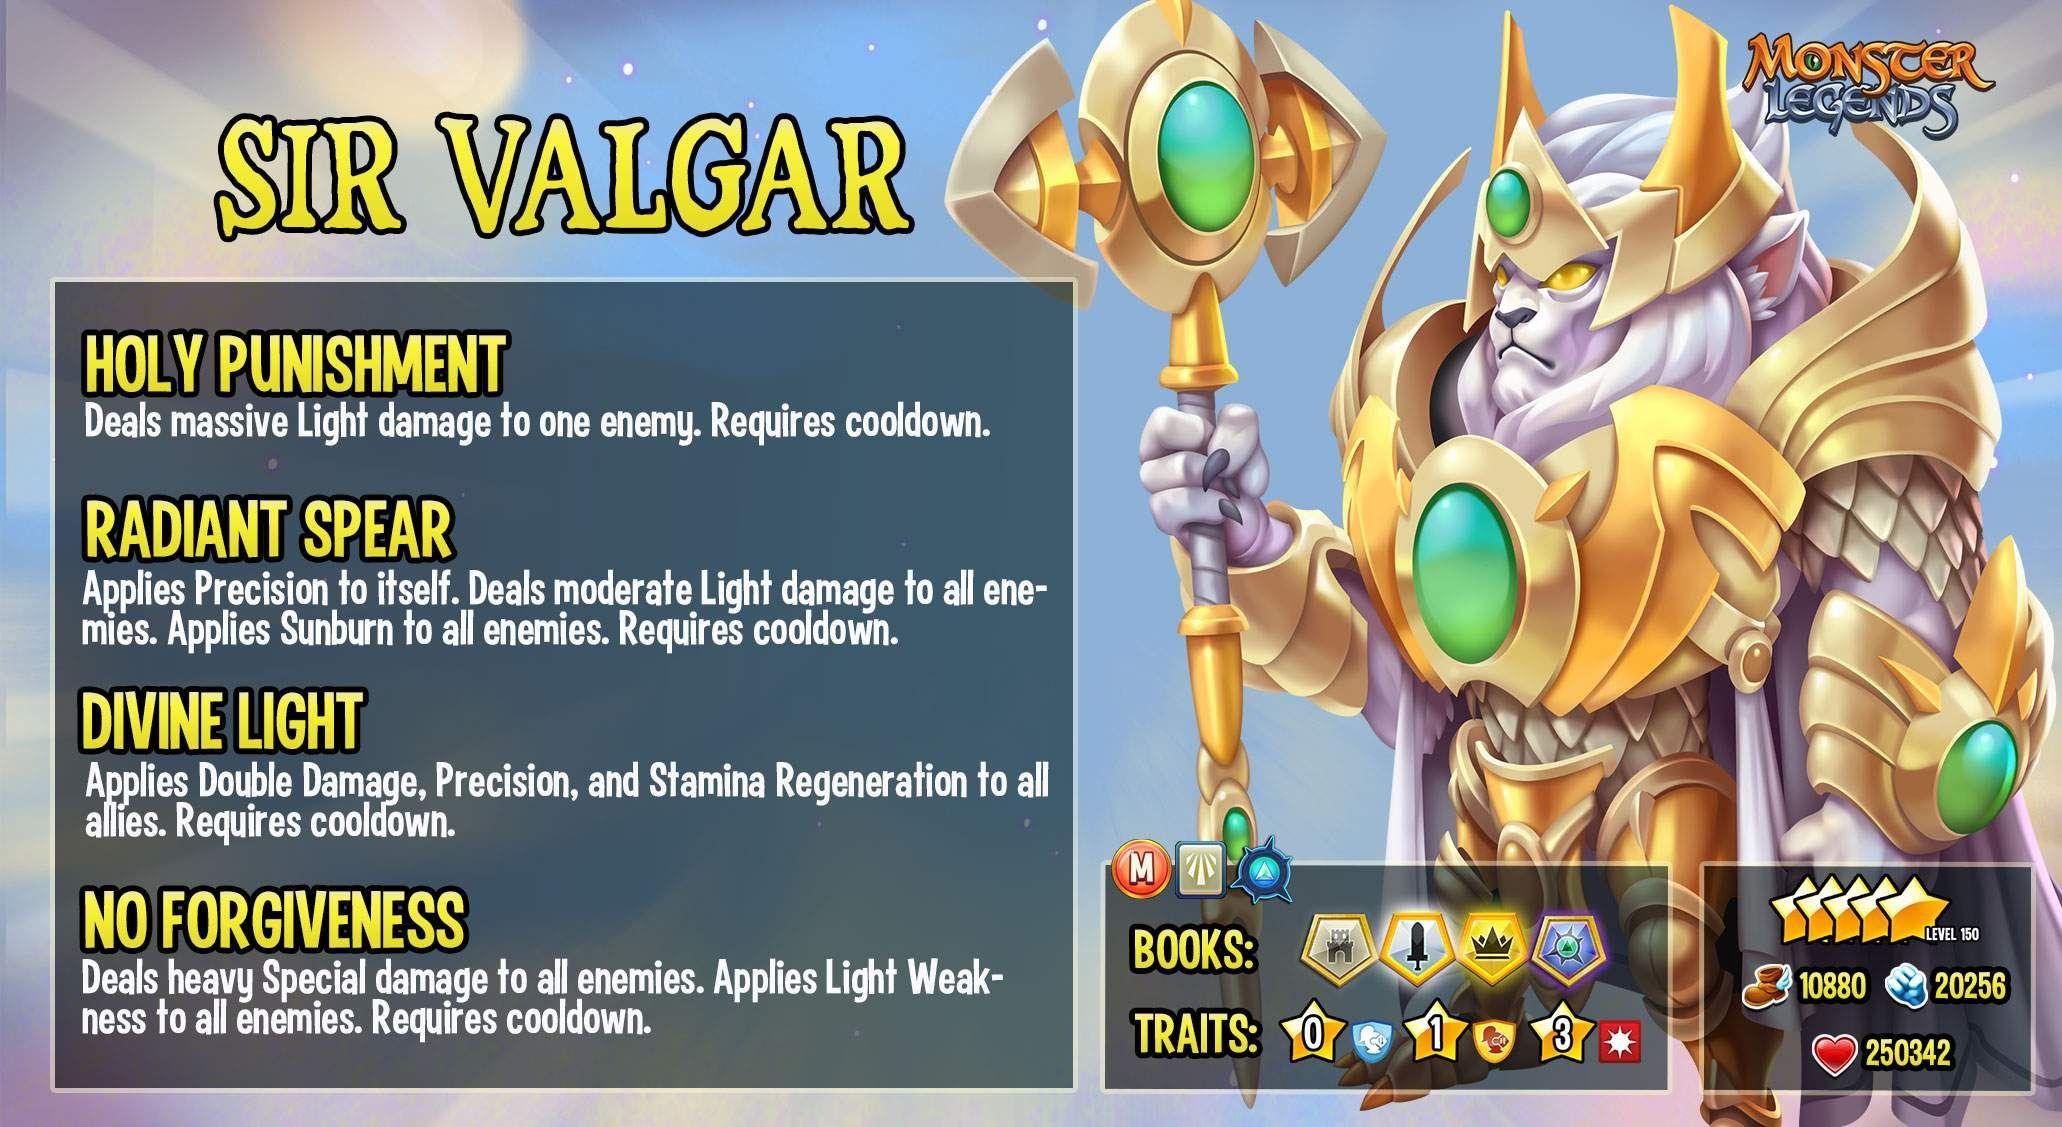 0_1621952188113_Sir-Valgar.jpg